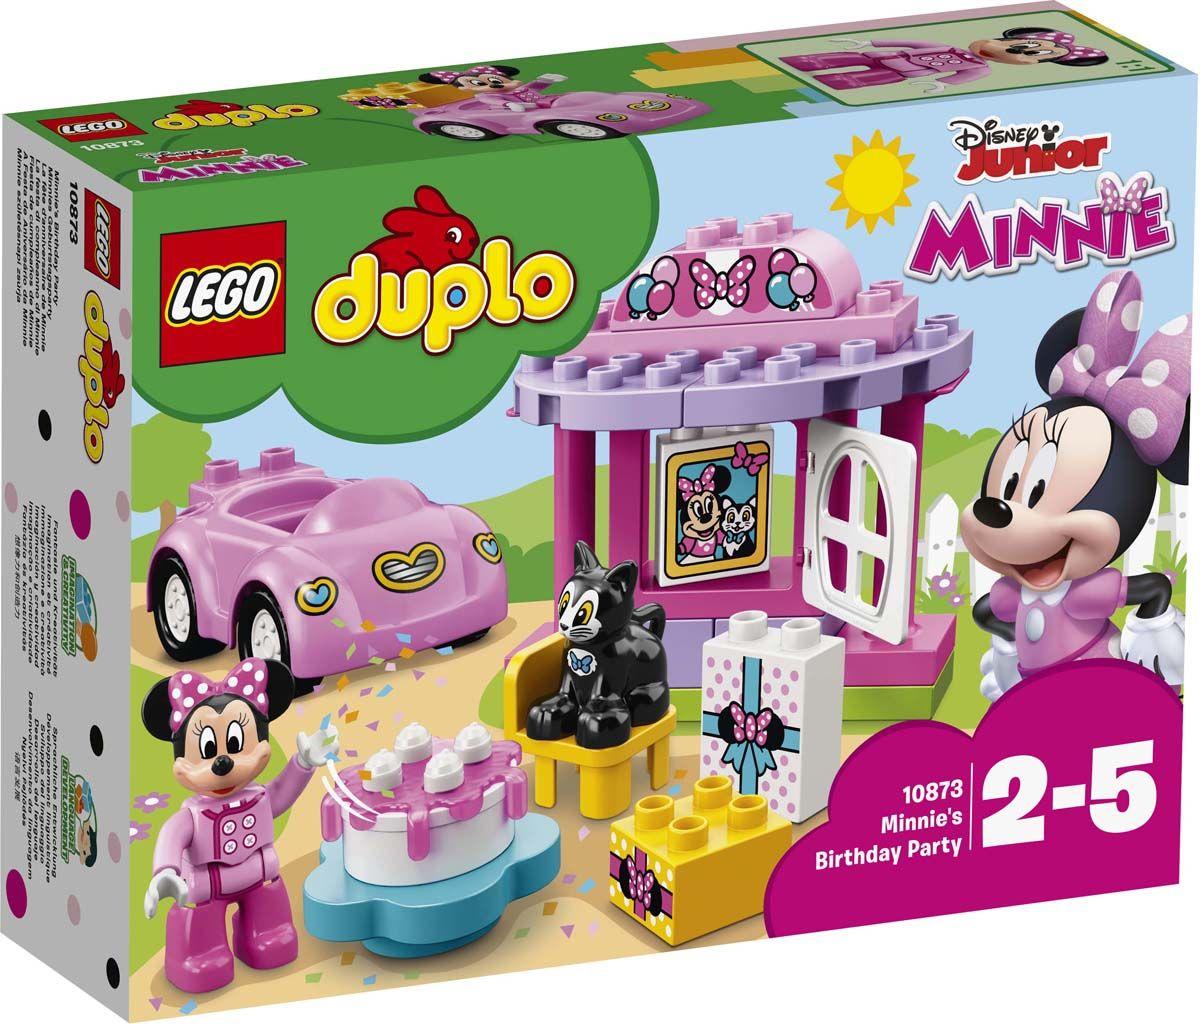 Пластиковый конструктор LEGO 10873 lego duplo lego 10873 день рождения минни